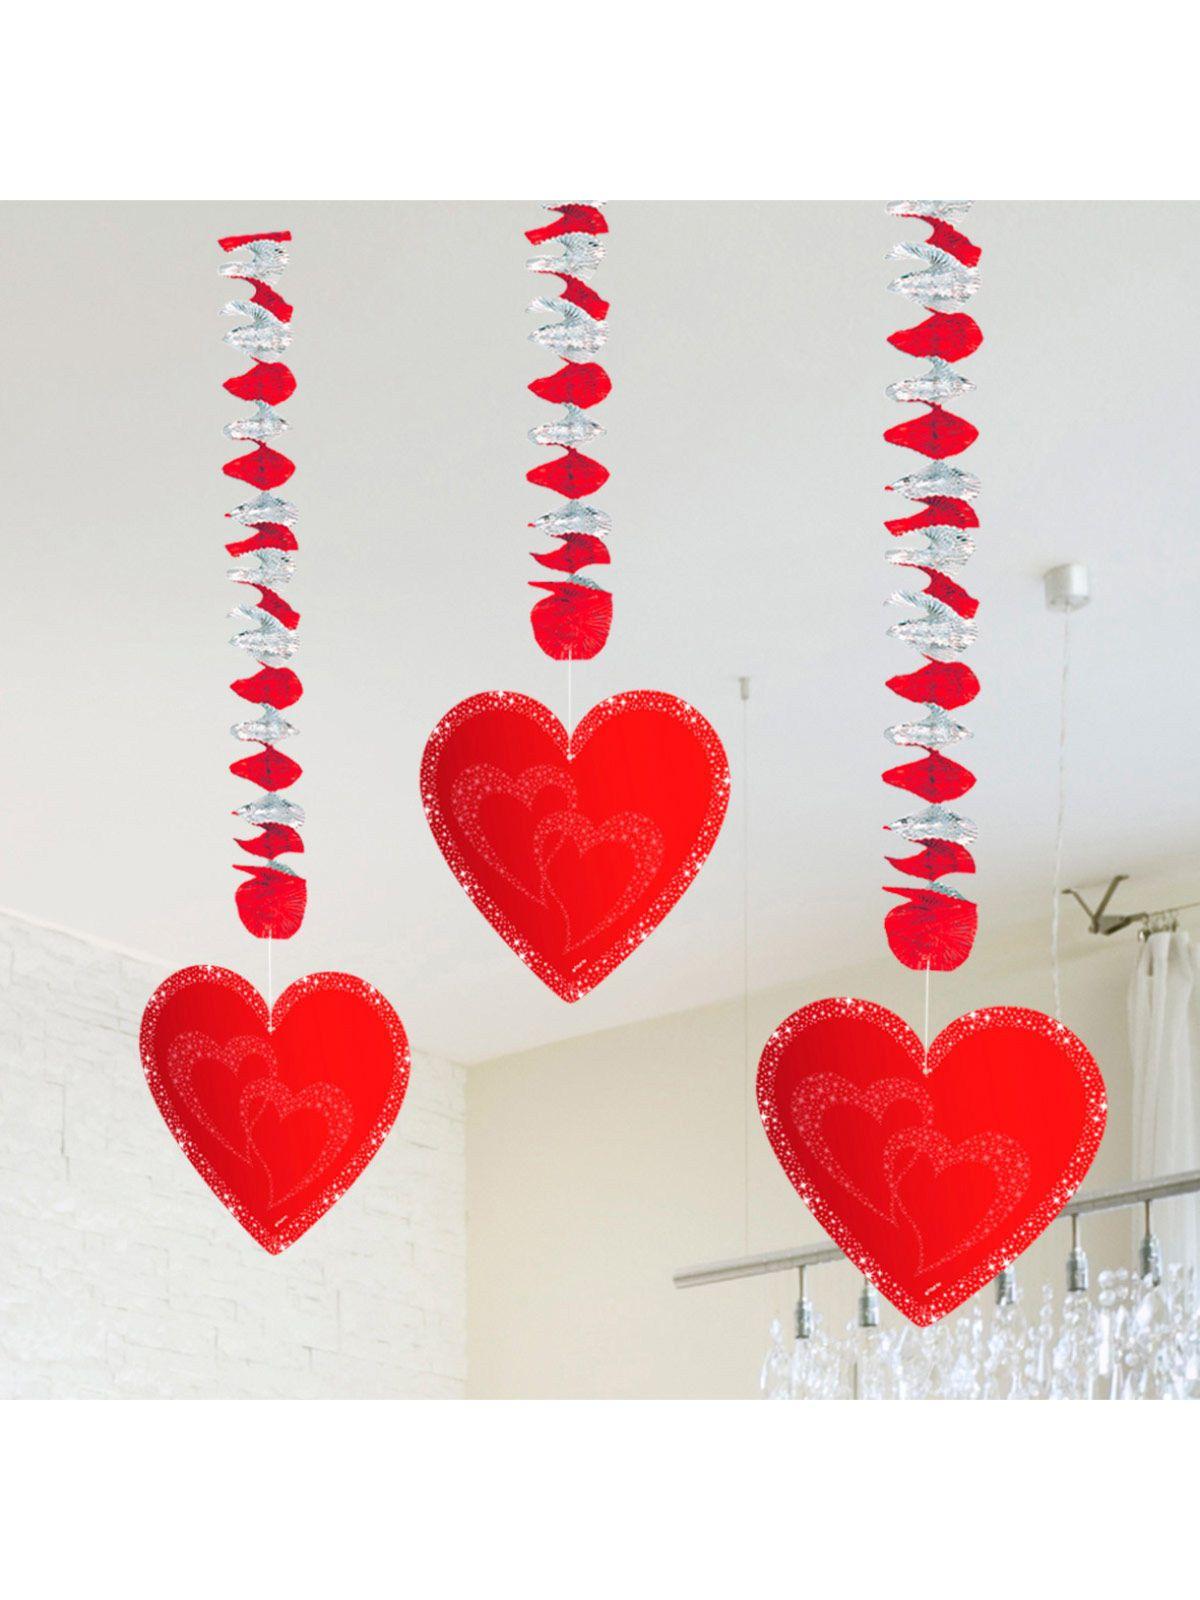 Hochzeit Hänge Spiralen Mit Herzen Valentinstag Party Deko 3 Stück Rot  75x18cm. Überrascht